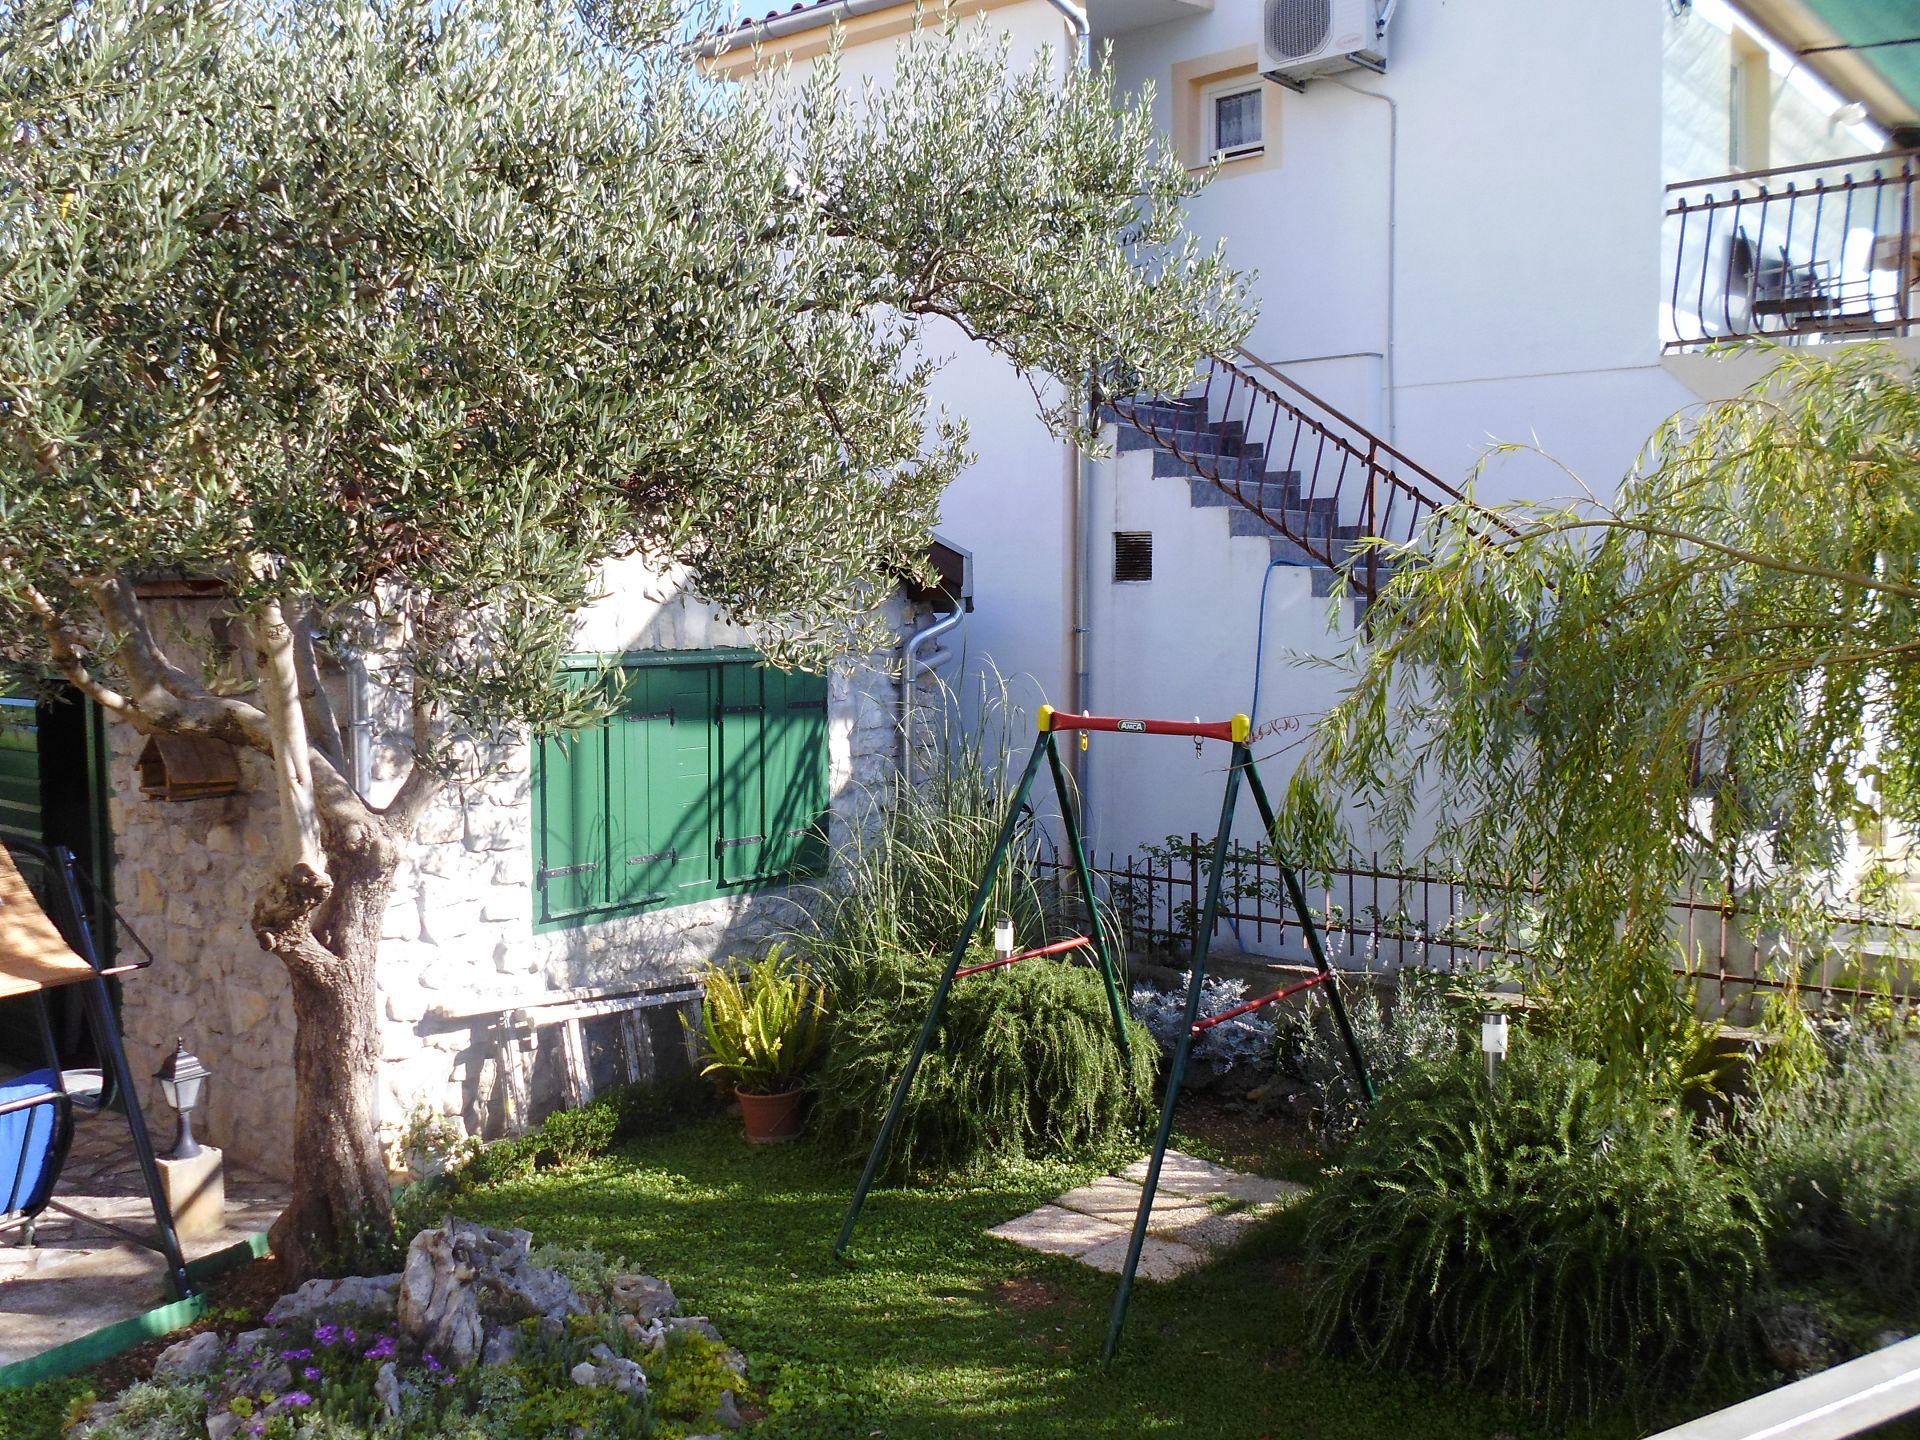 A00106PIRO - Pirovac - Ferienwohnungen Kroatien - Hof